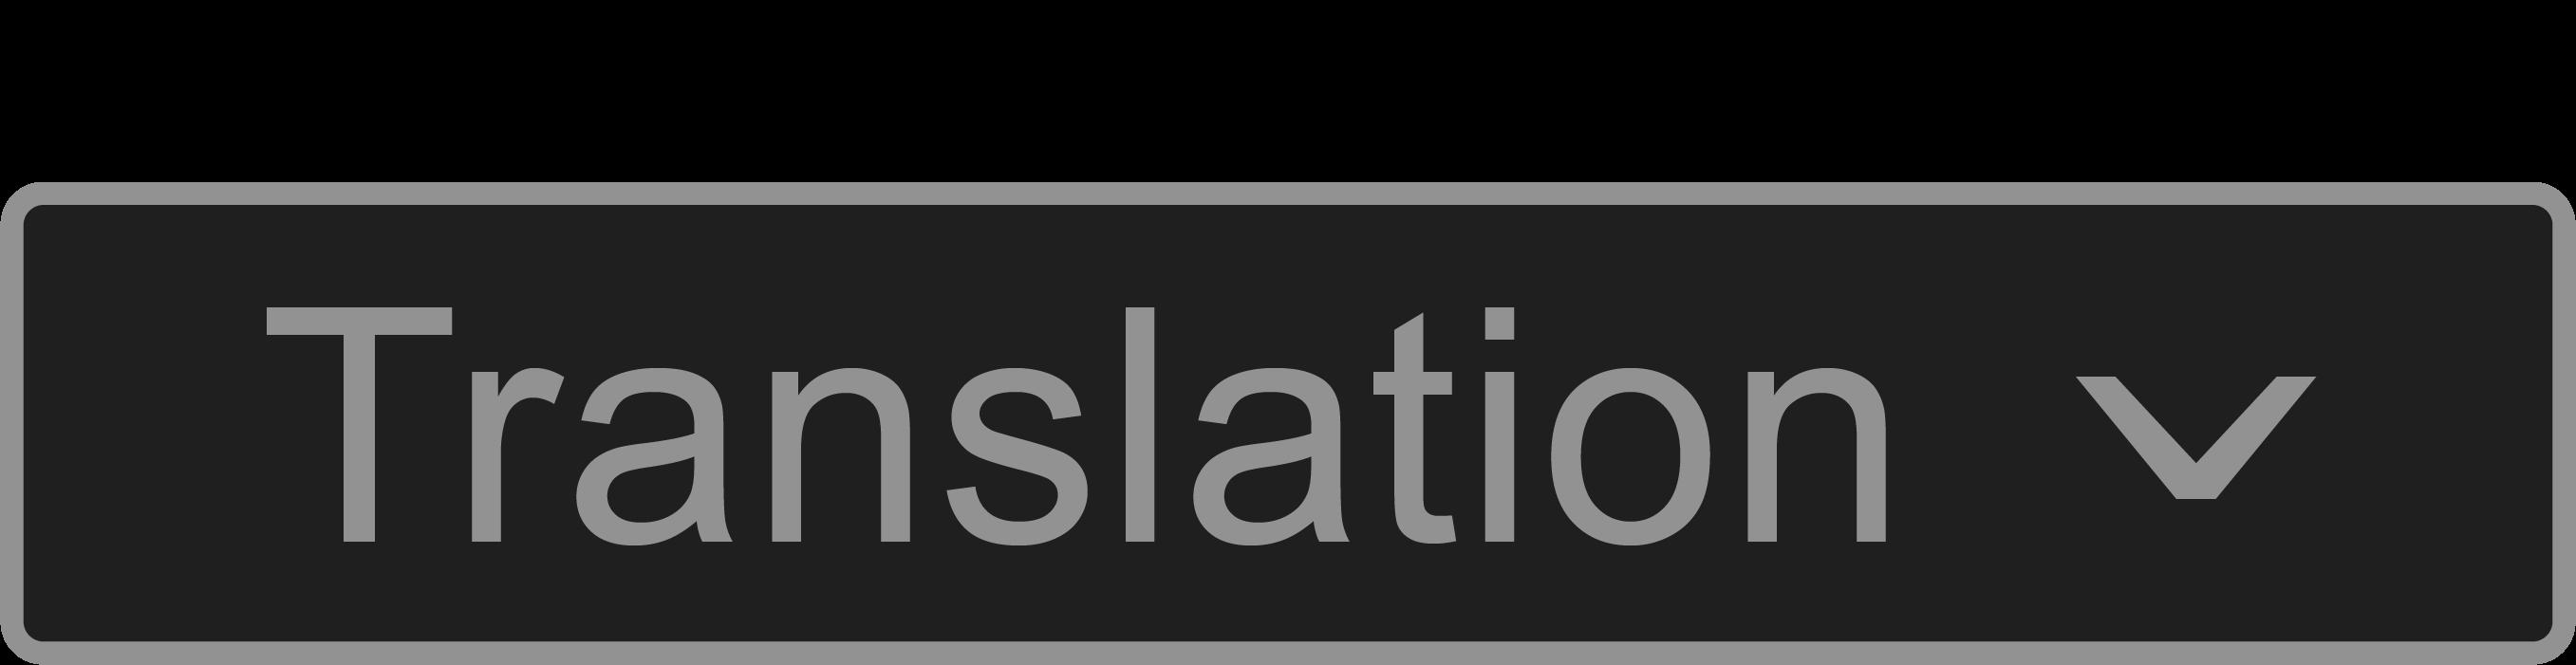 Knop voor de modus perspective bij het translation van videobeelden met BlackMagic Design DaVinci Resolve.